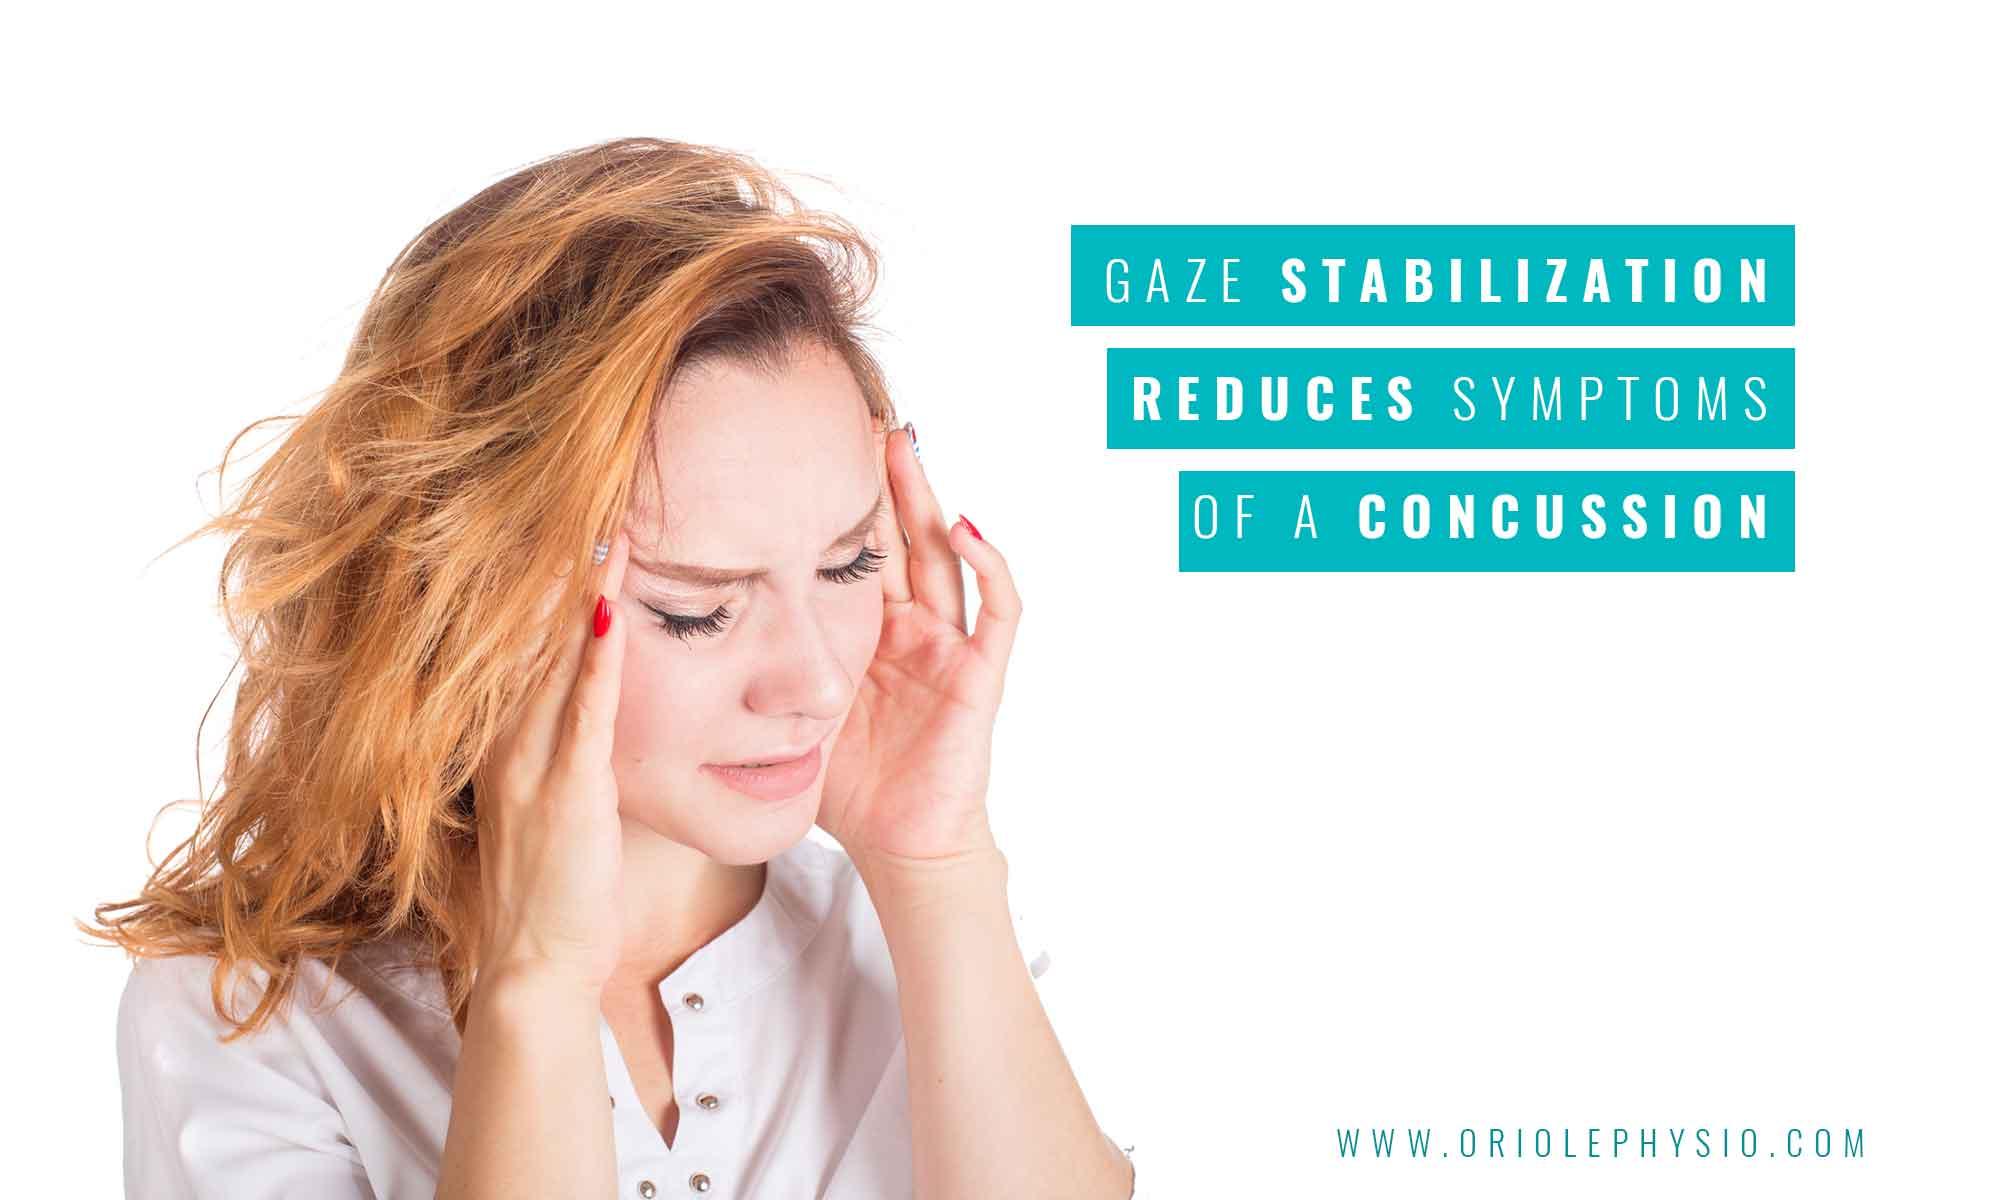 gaze stabilization